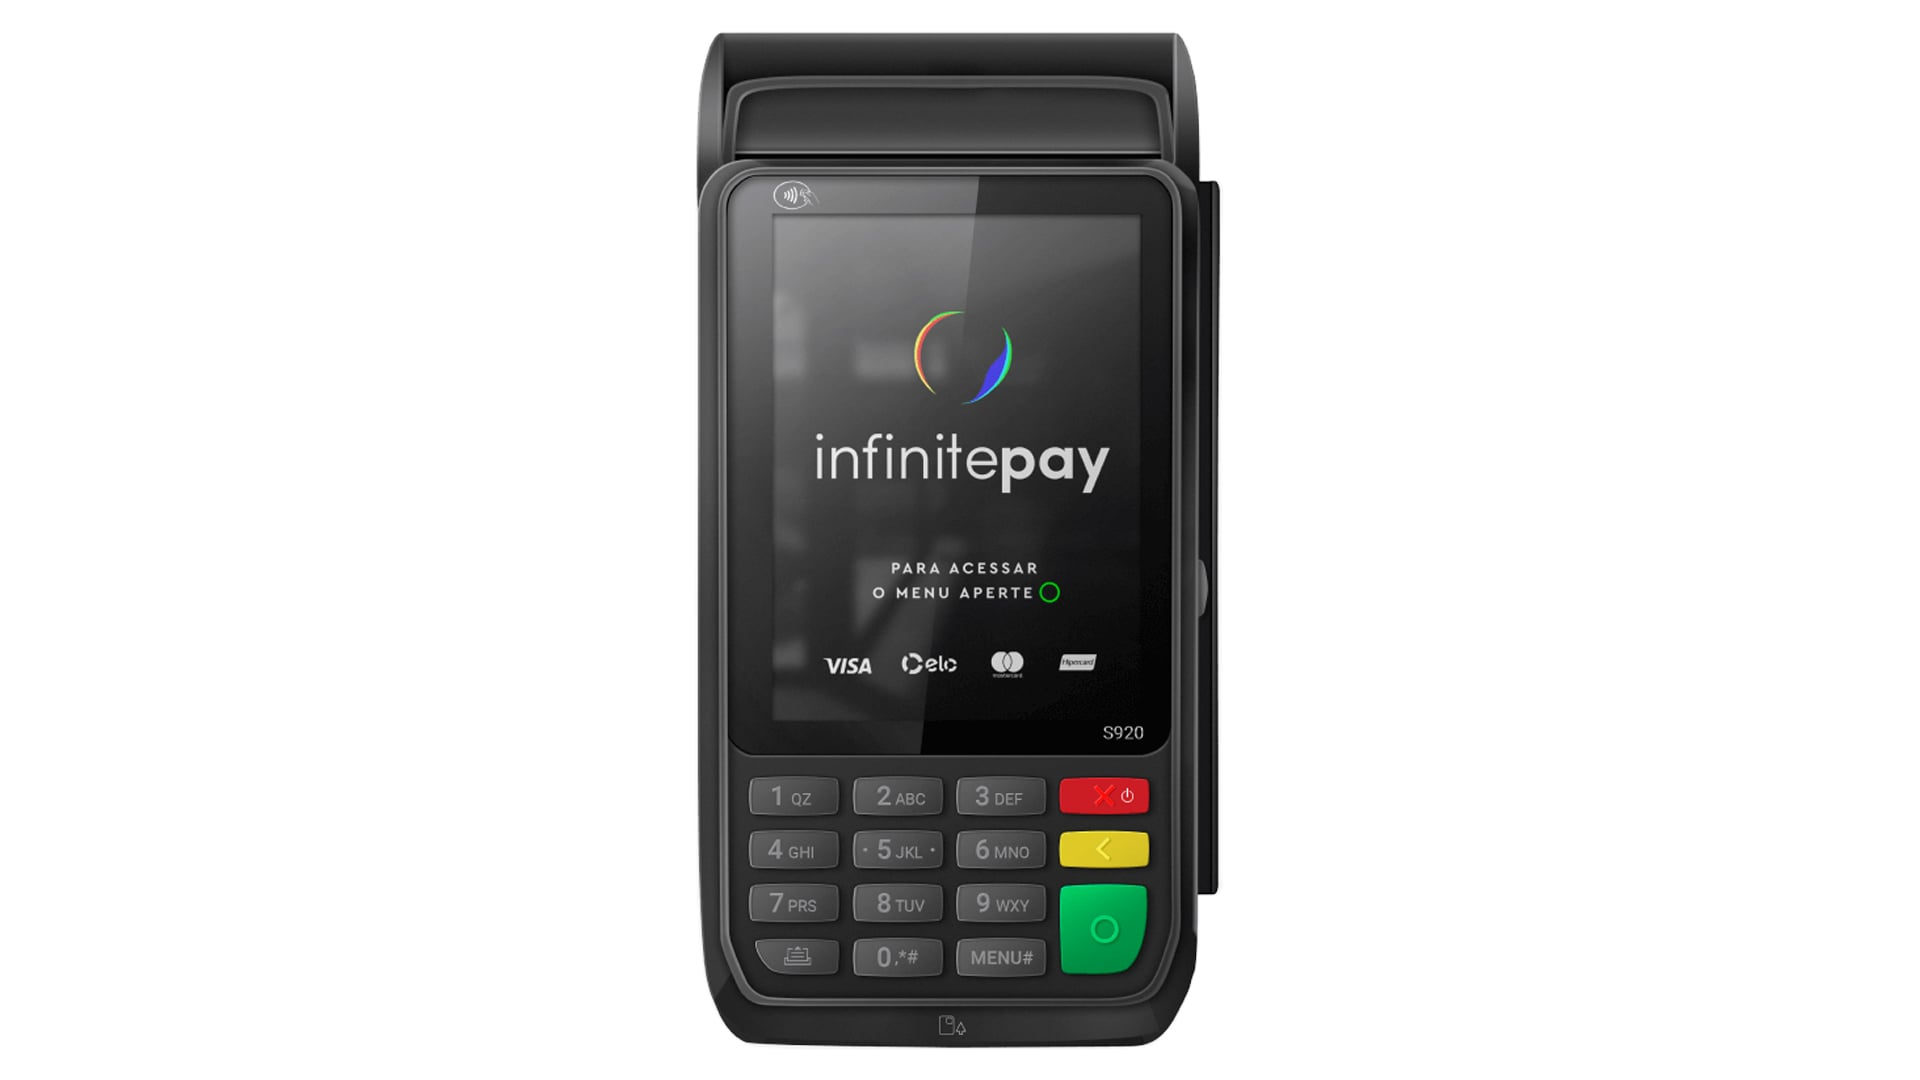 Máquina de Cartão InfinitePay